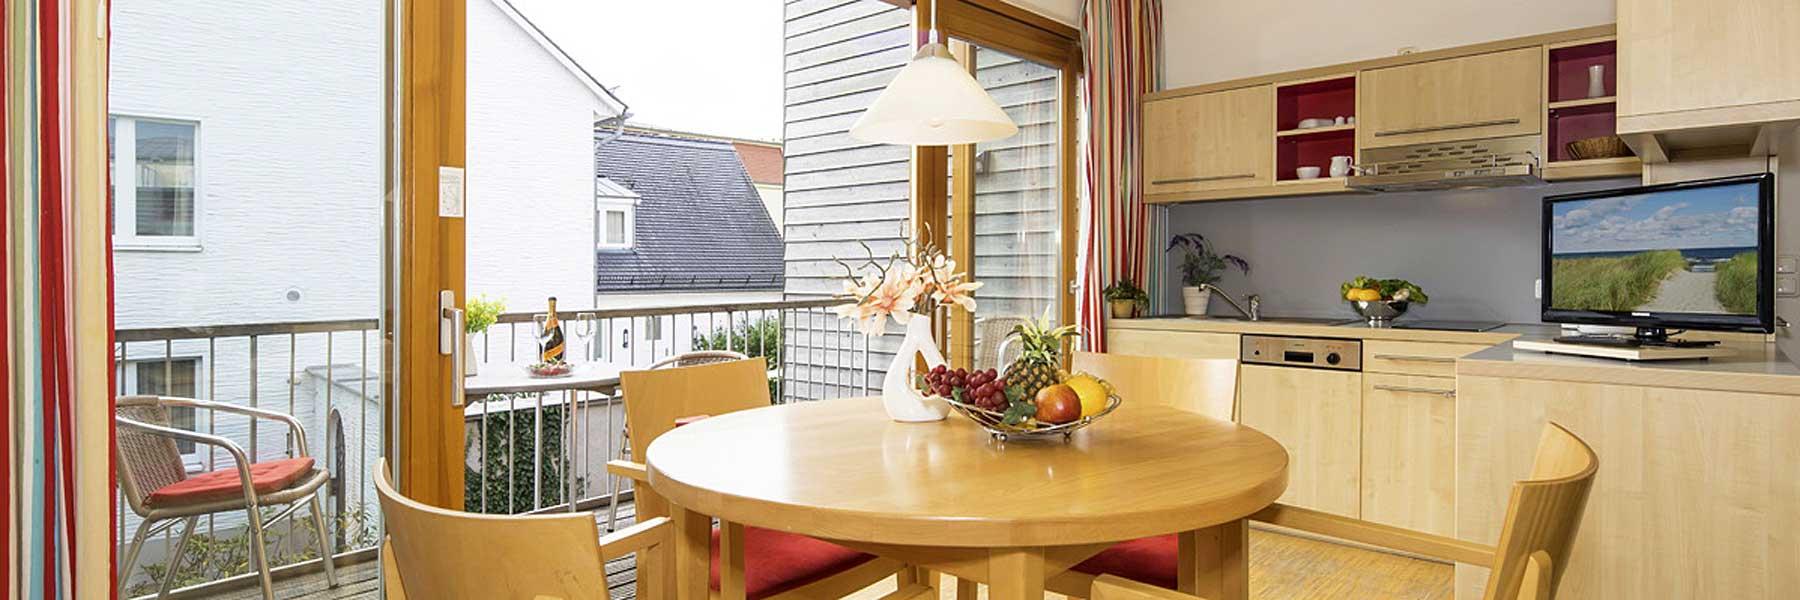 Apartment Wohnzimmer - Ferienapartments und Seminarhaus Heringsdorf